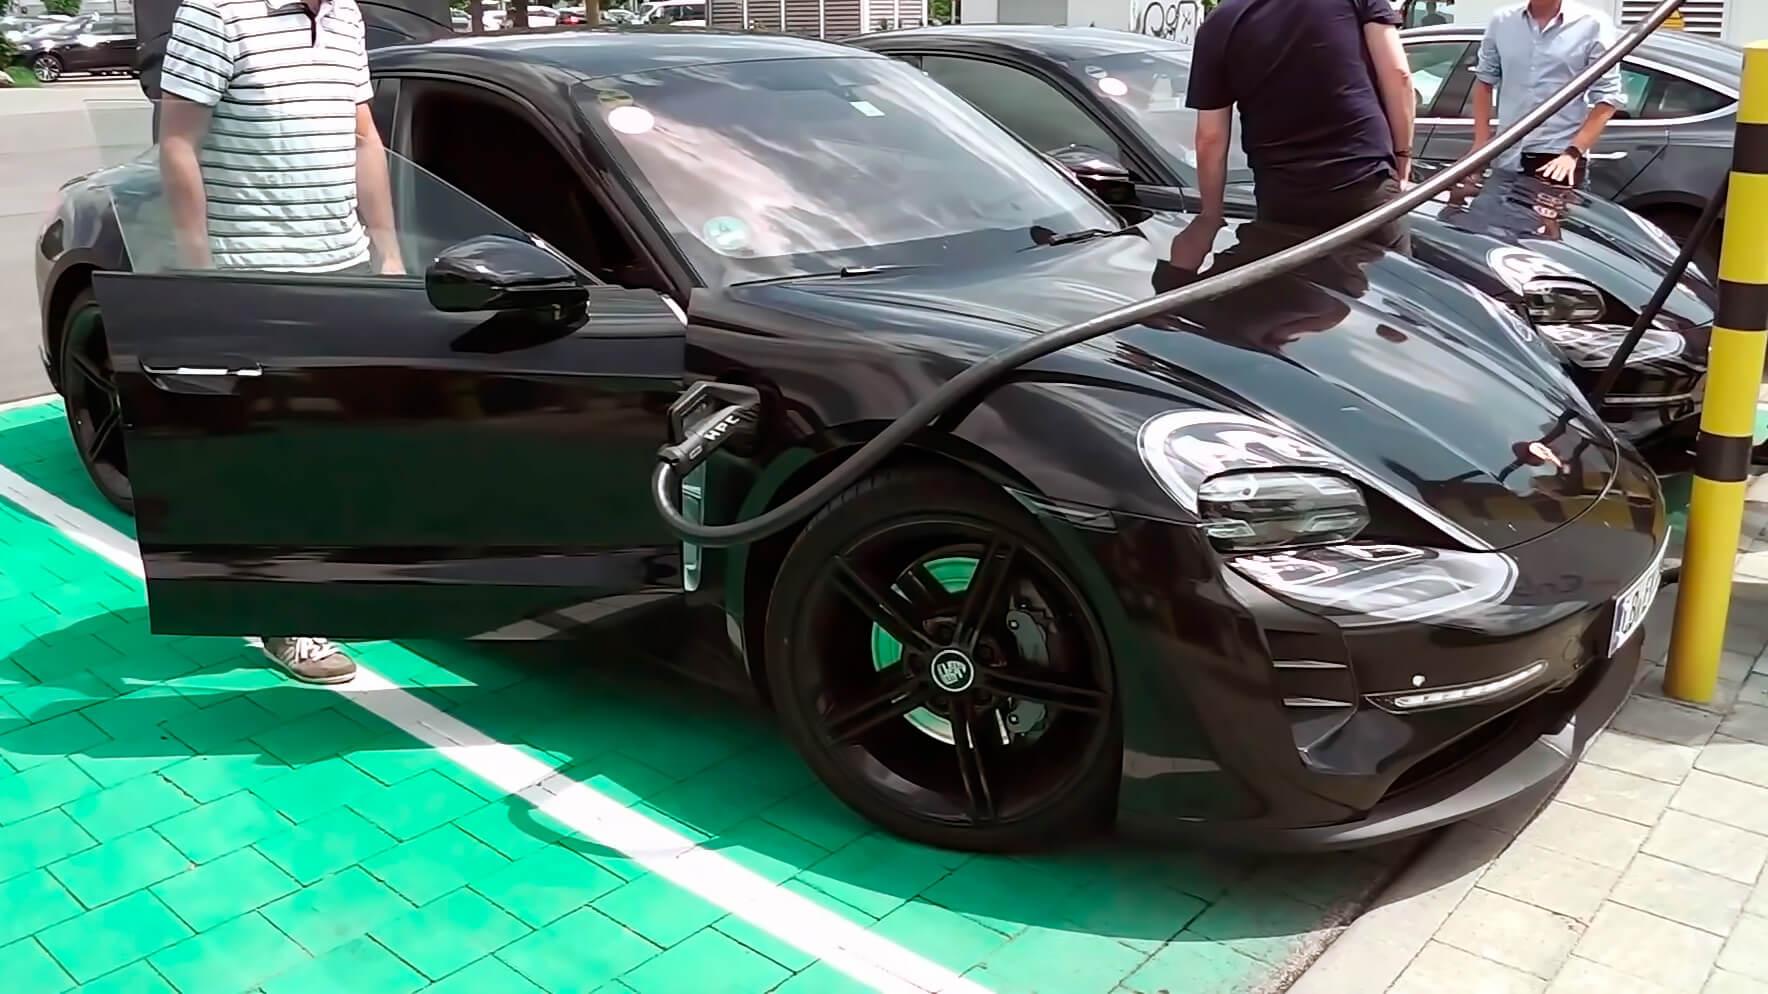 Прототип Porsche Taycan на зарядной станции в Германии